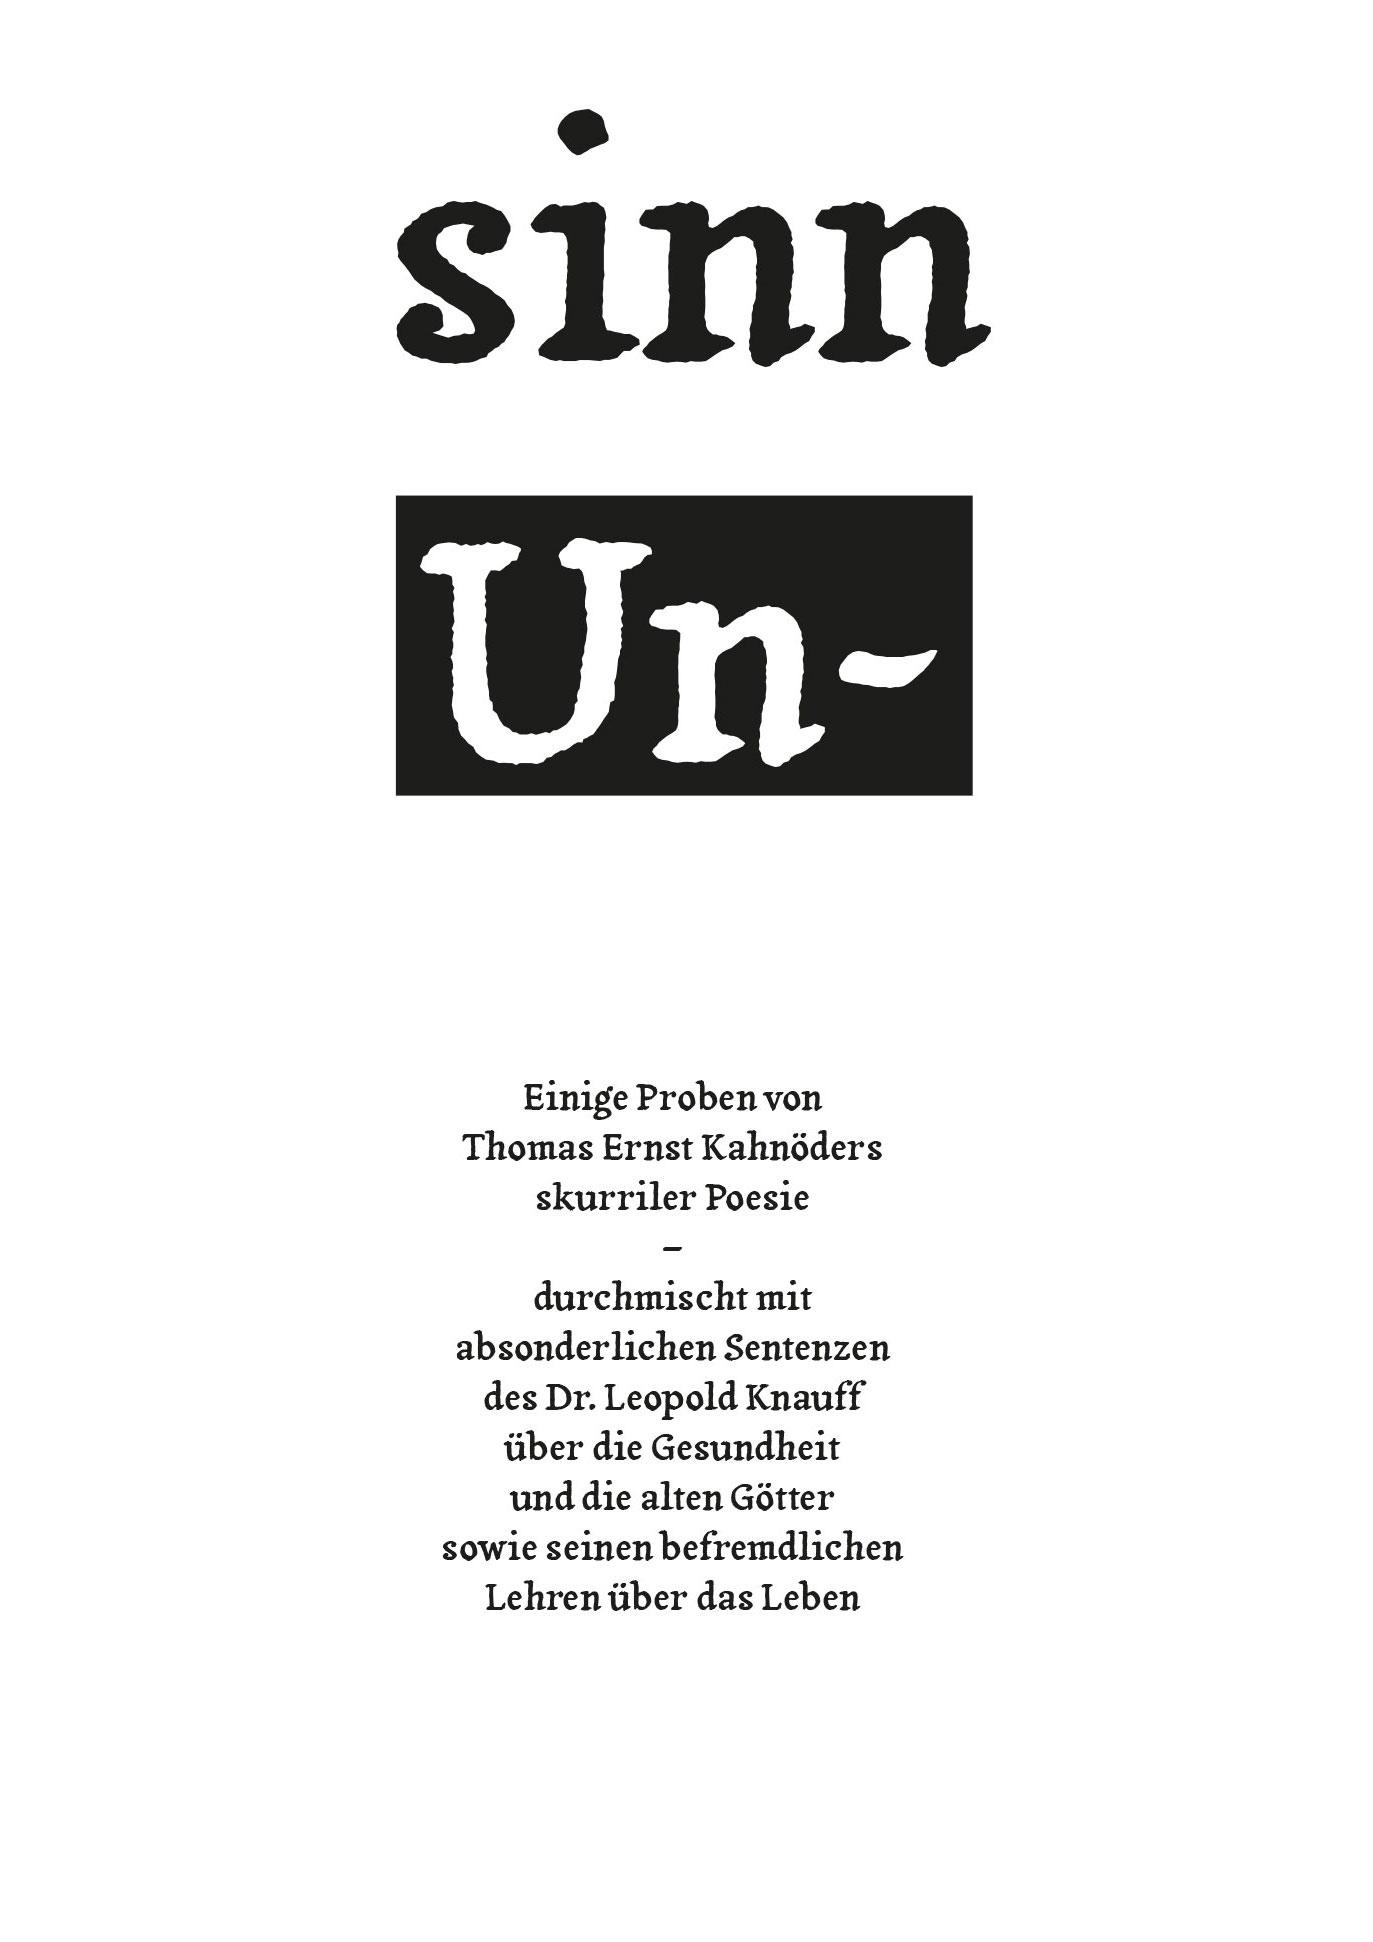 Günther F. Seelig: sinn Un- Cover: Floßmann